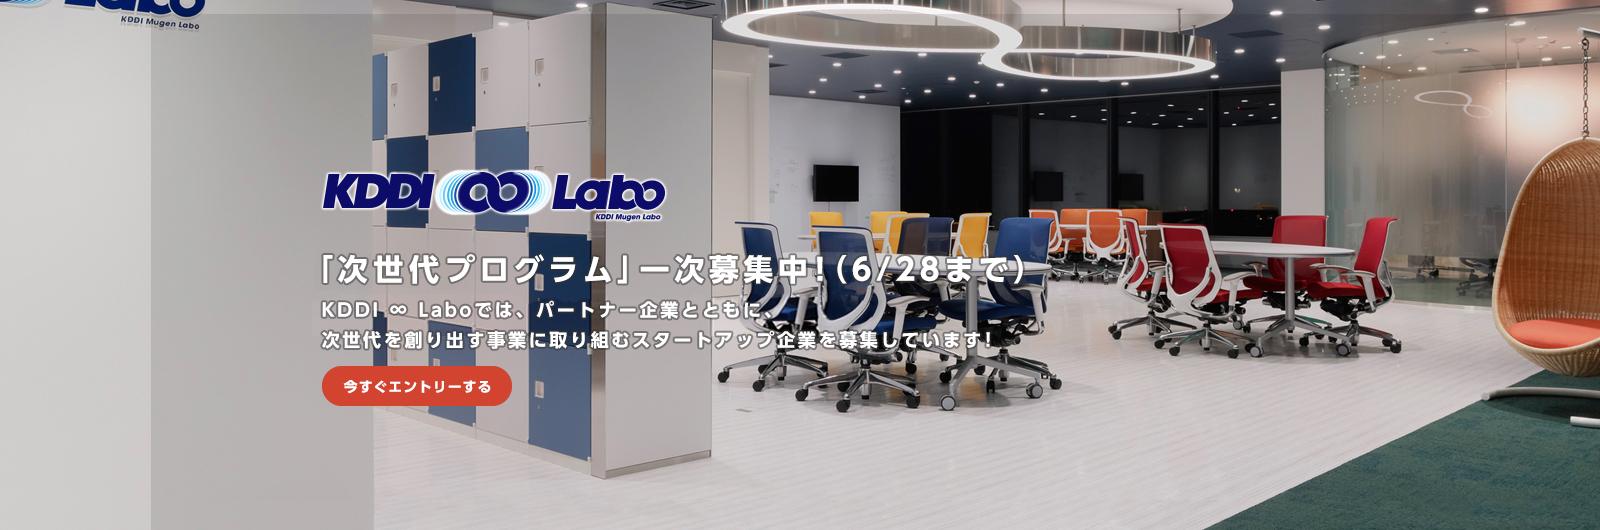 KDDI ∞ Labo 「次世代プログラム」一次募集中! (6/28まで) KDDI ∞ Laboでは、パートナー企業とともに、次世代を創り出す事業に取り組むスタートアップ企業を募集しています!